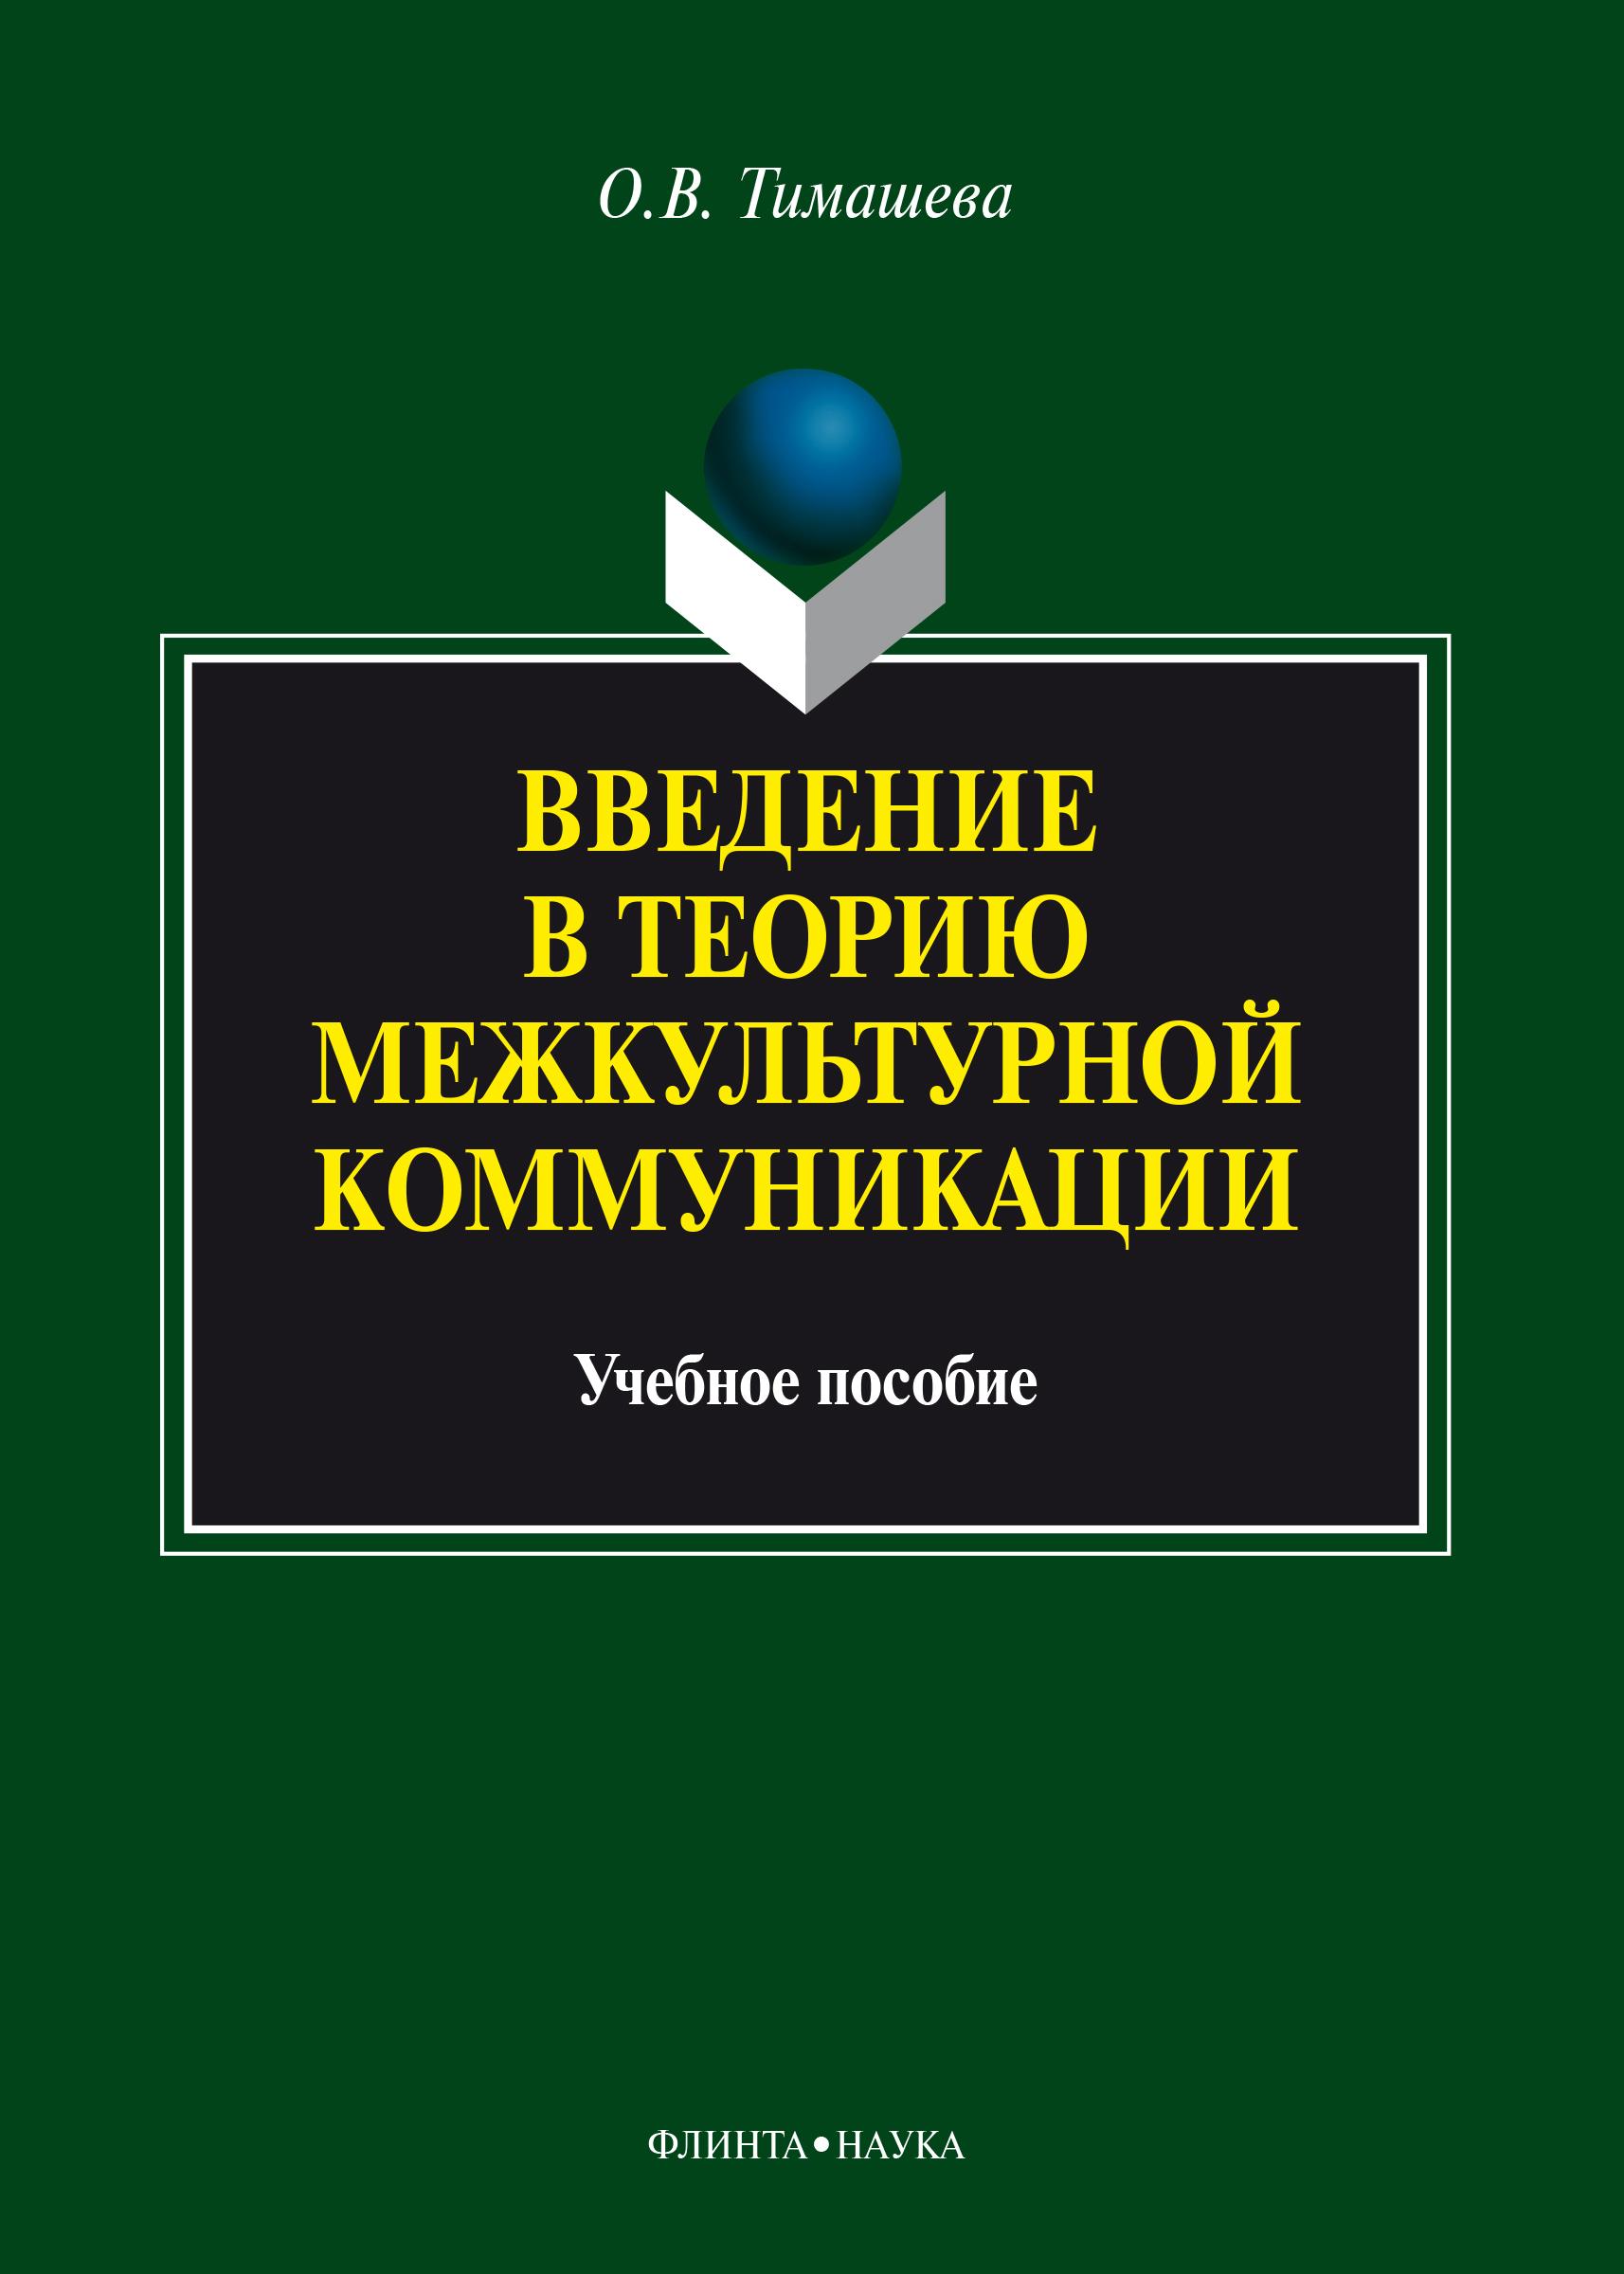 О. В. Тимашева Введение в теорию межкультурной коммуникации щелково план города карта окрестностей